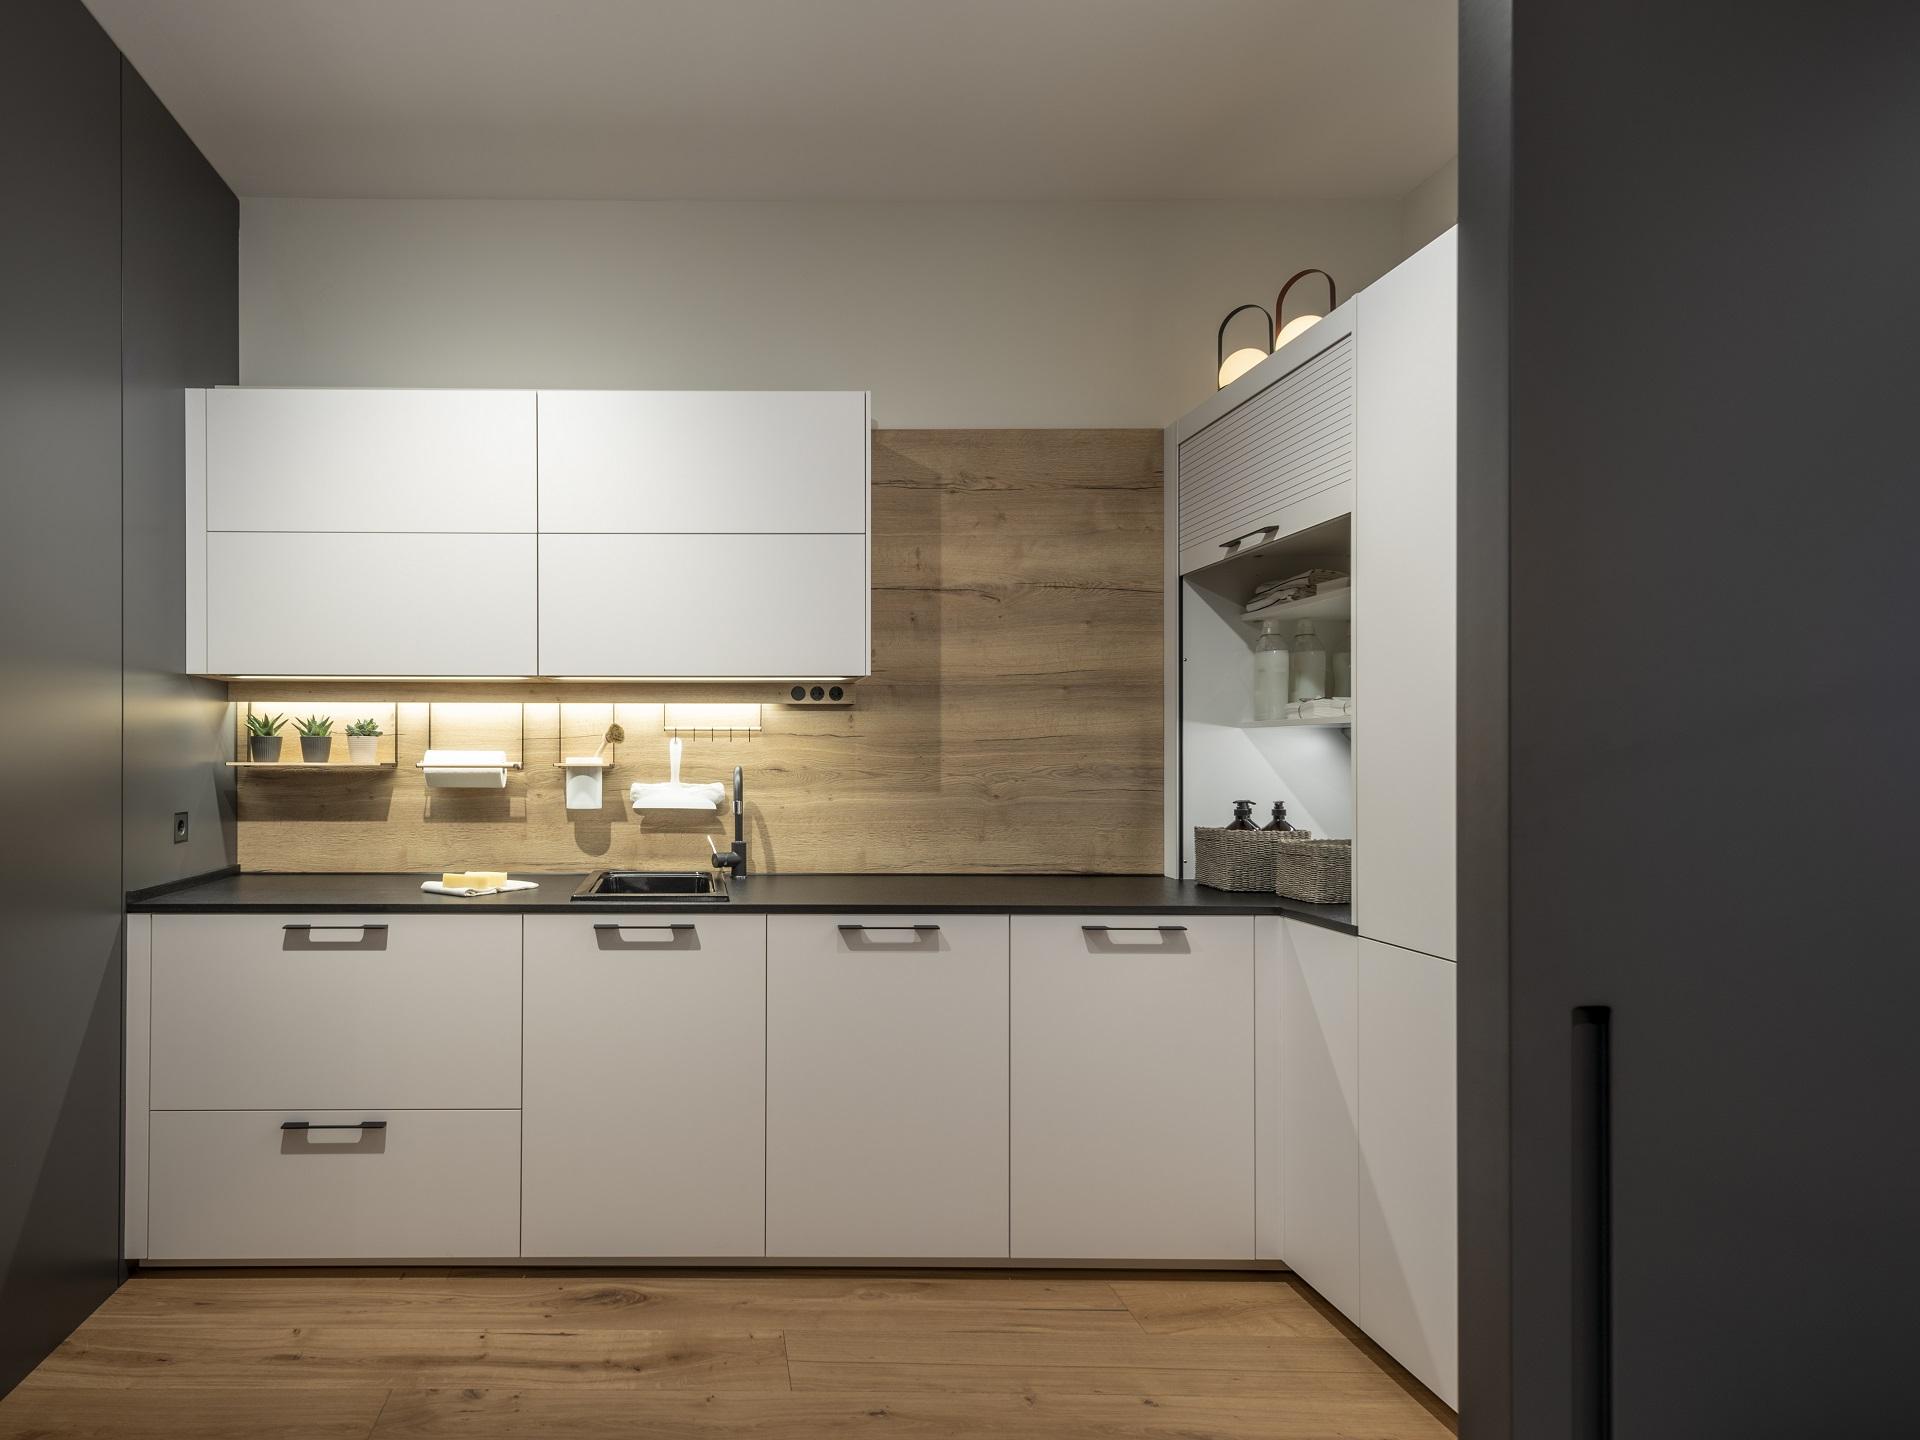 Exposición cocina con lavandería Santiago Interiores